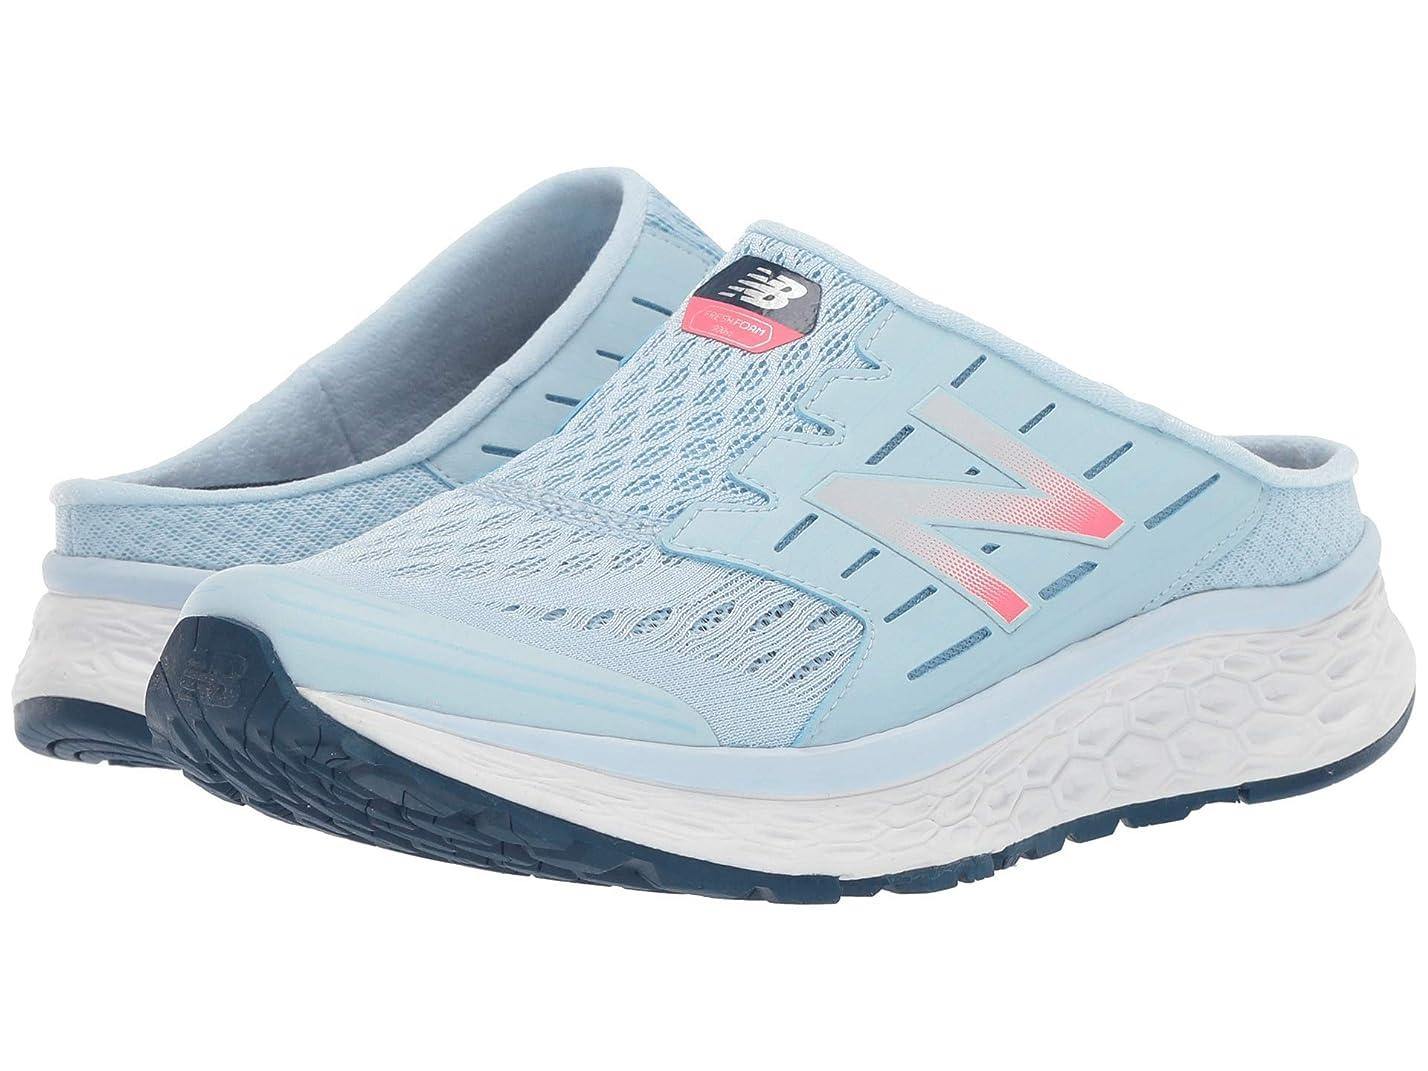 液体即席霧レディースウォーキングシューズ?靴 WA900v1 Walking Air/Moroccan Tile/Guava 7 (24cm) B [並行輸入品]